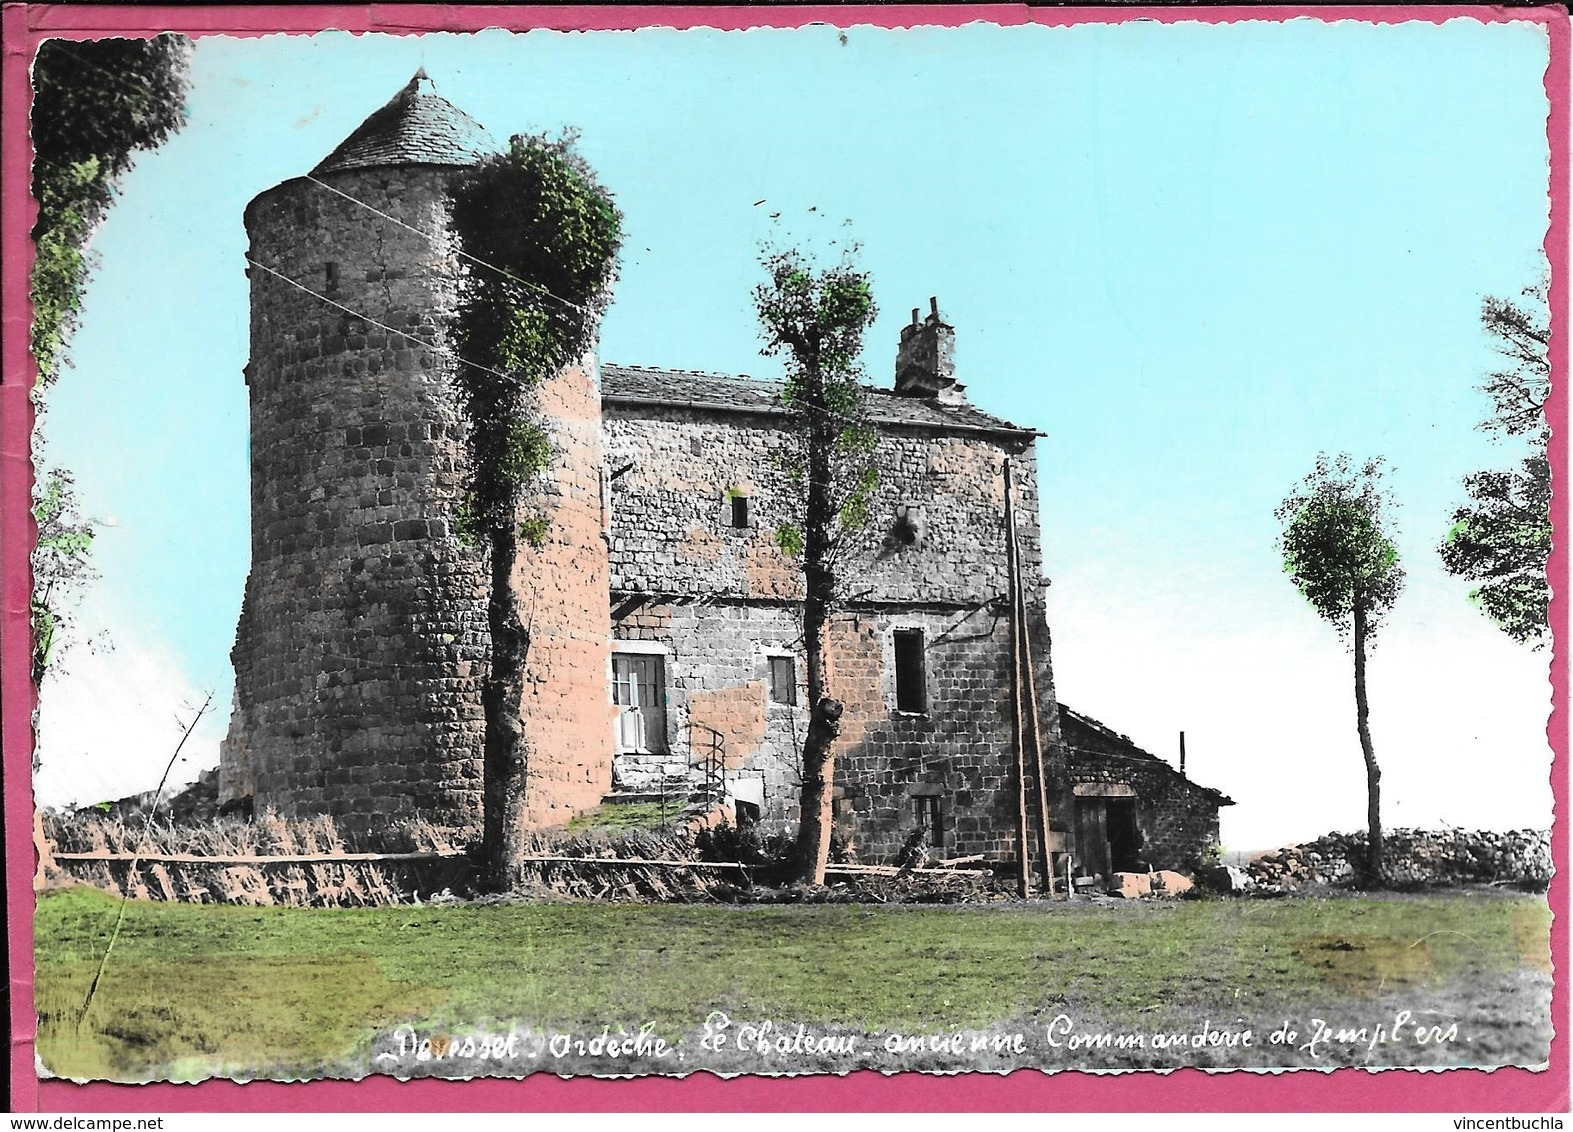 Devesset Le Chateau Ancienne Commanderie De Templiers - France